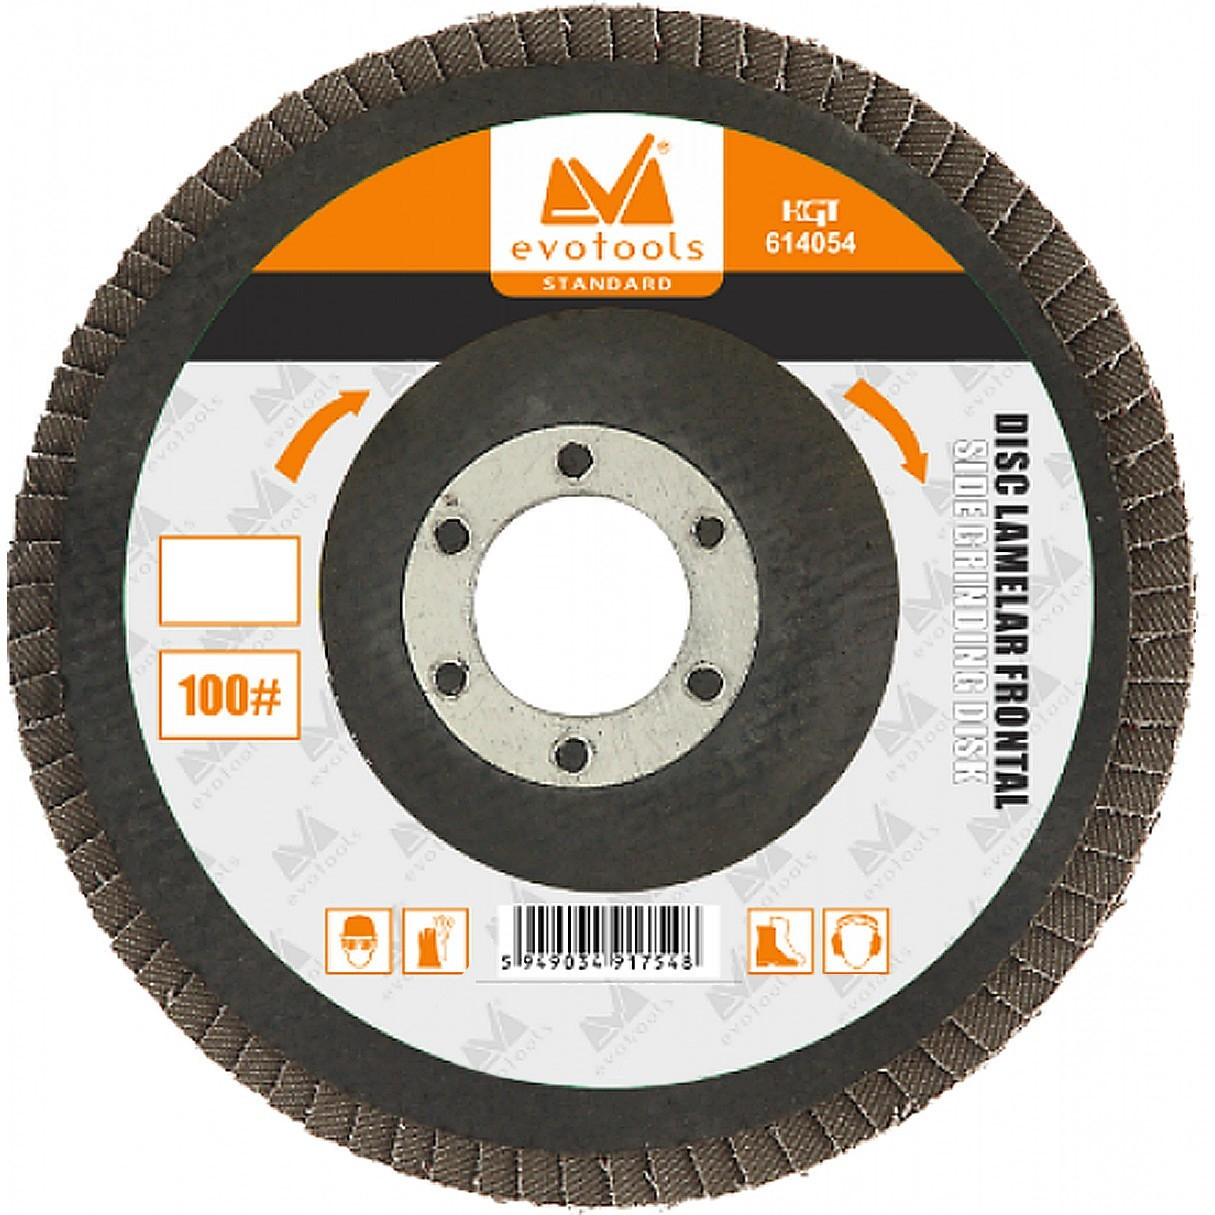 Disc lamelar frontal, D: 115 mm, G: 80 imagine techstar.ro 2021